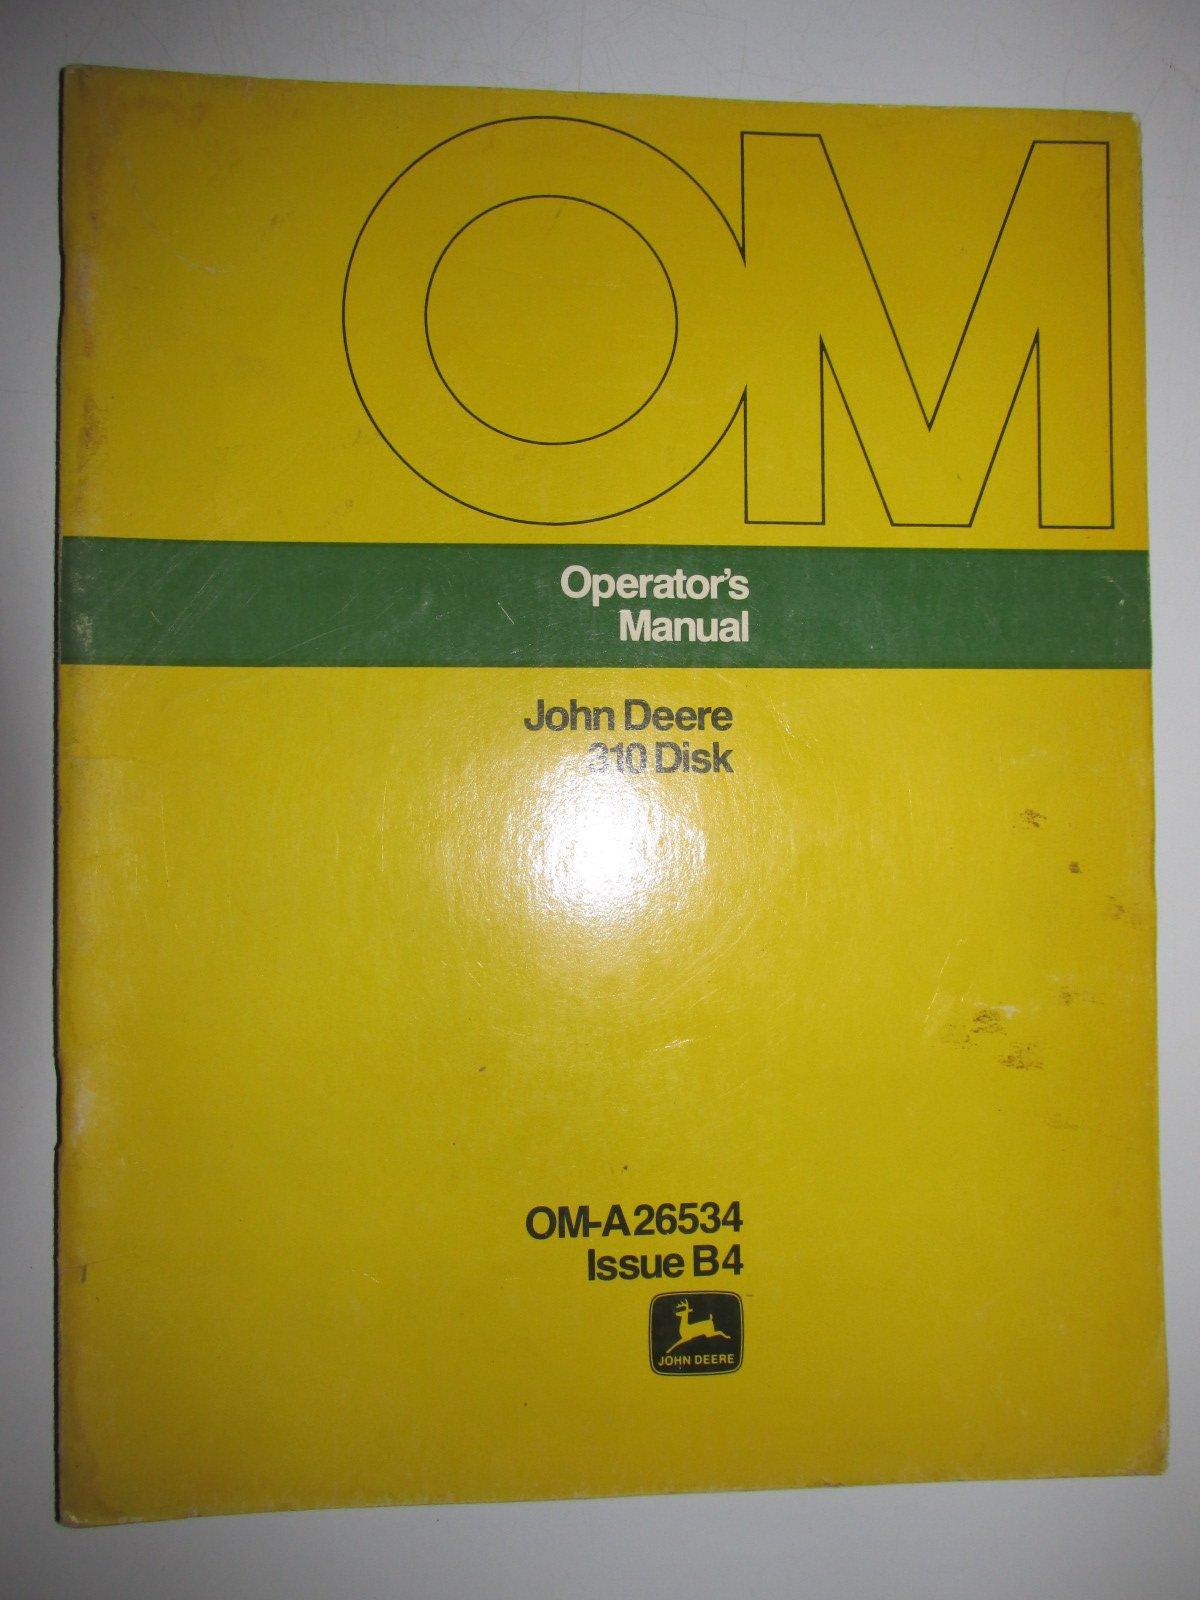 John Deere 310 Disk Operators Owners Manual Original OM